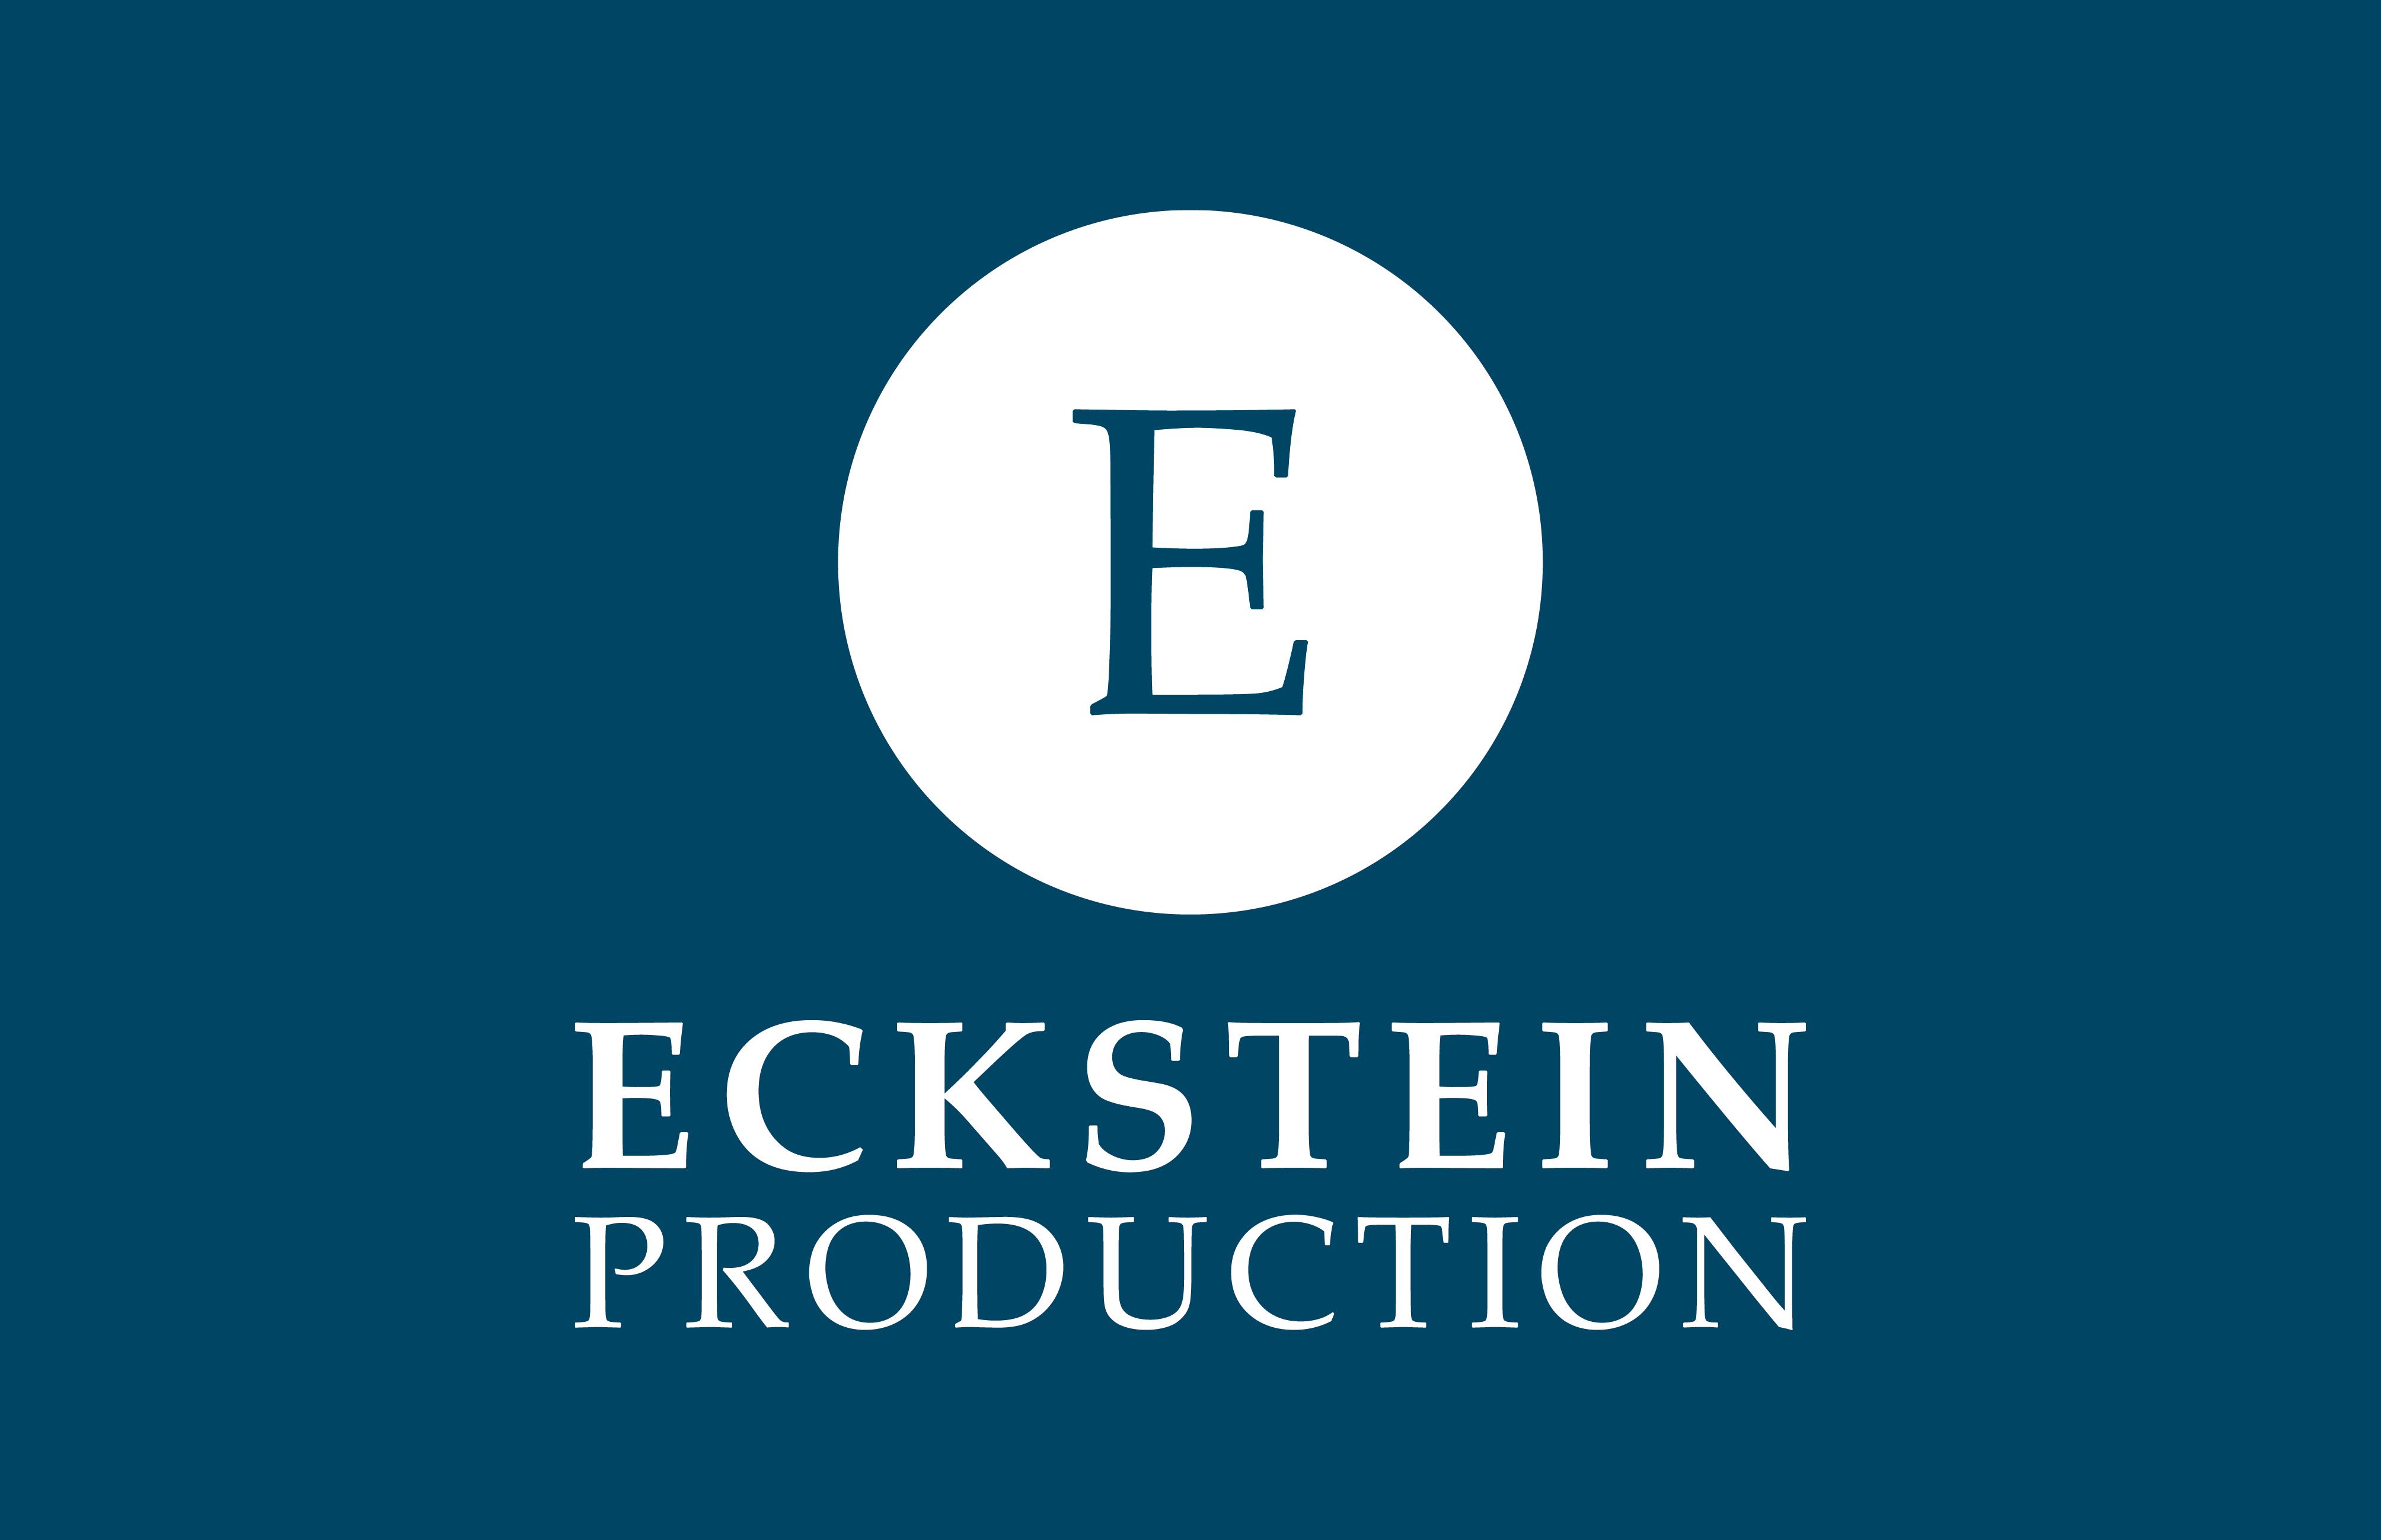 Eckstein Production